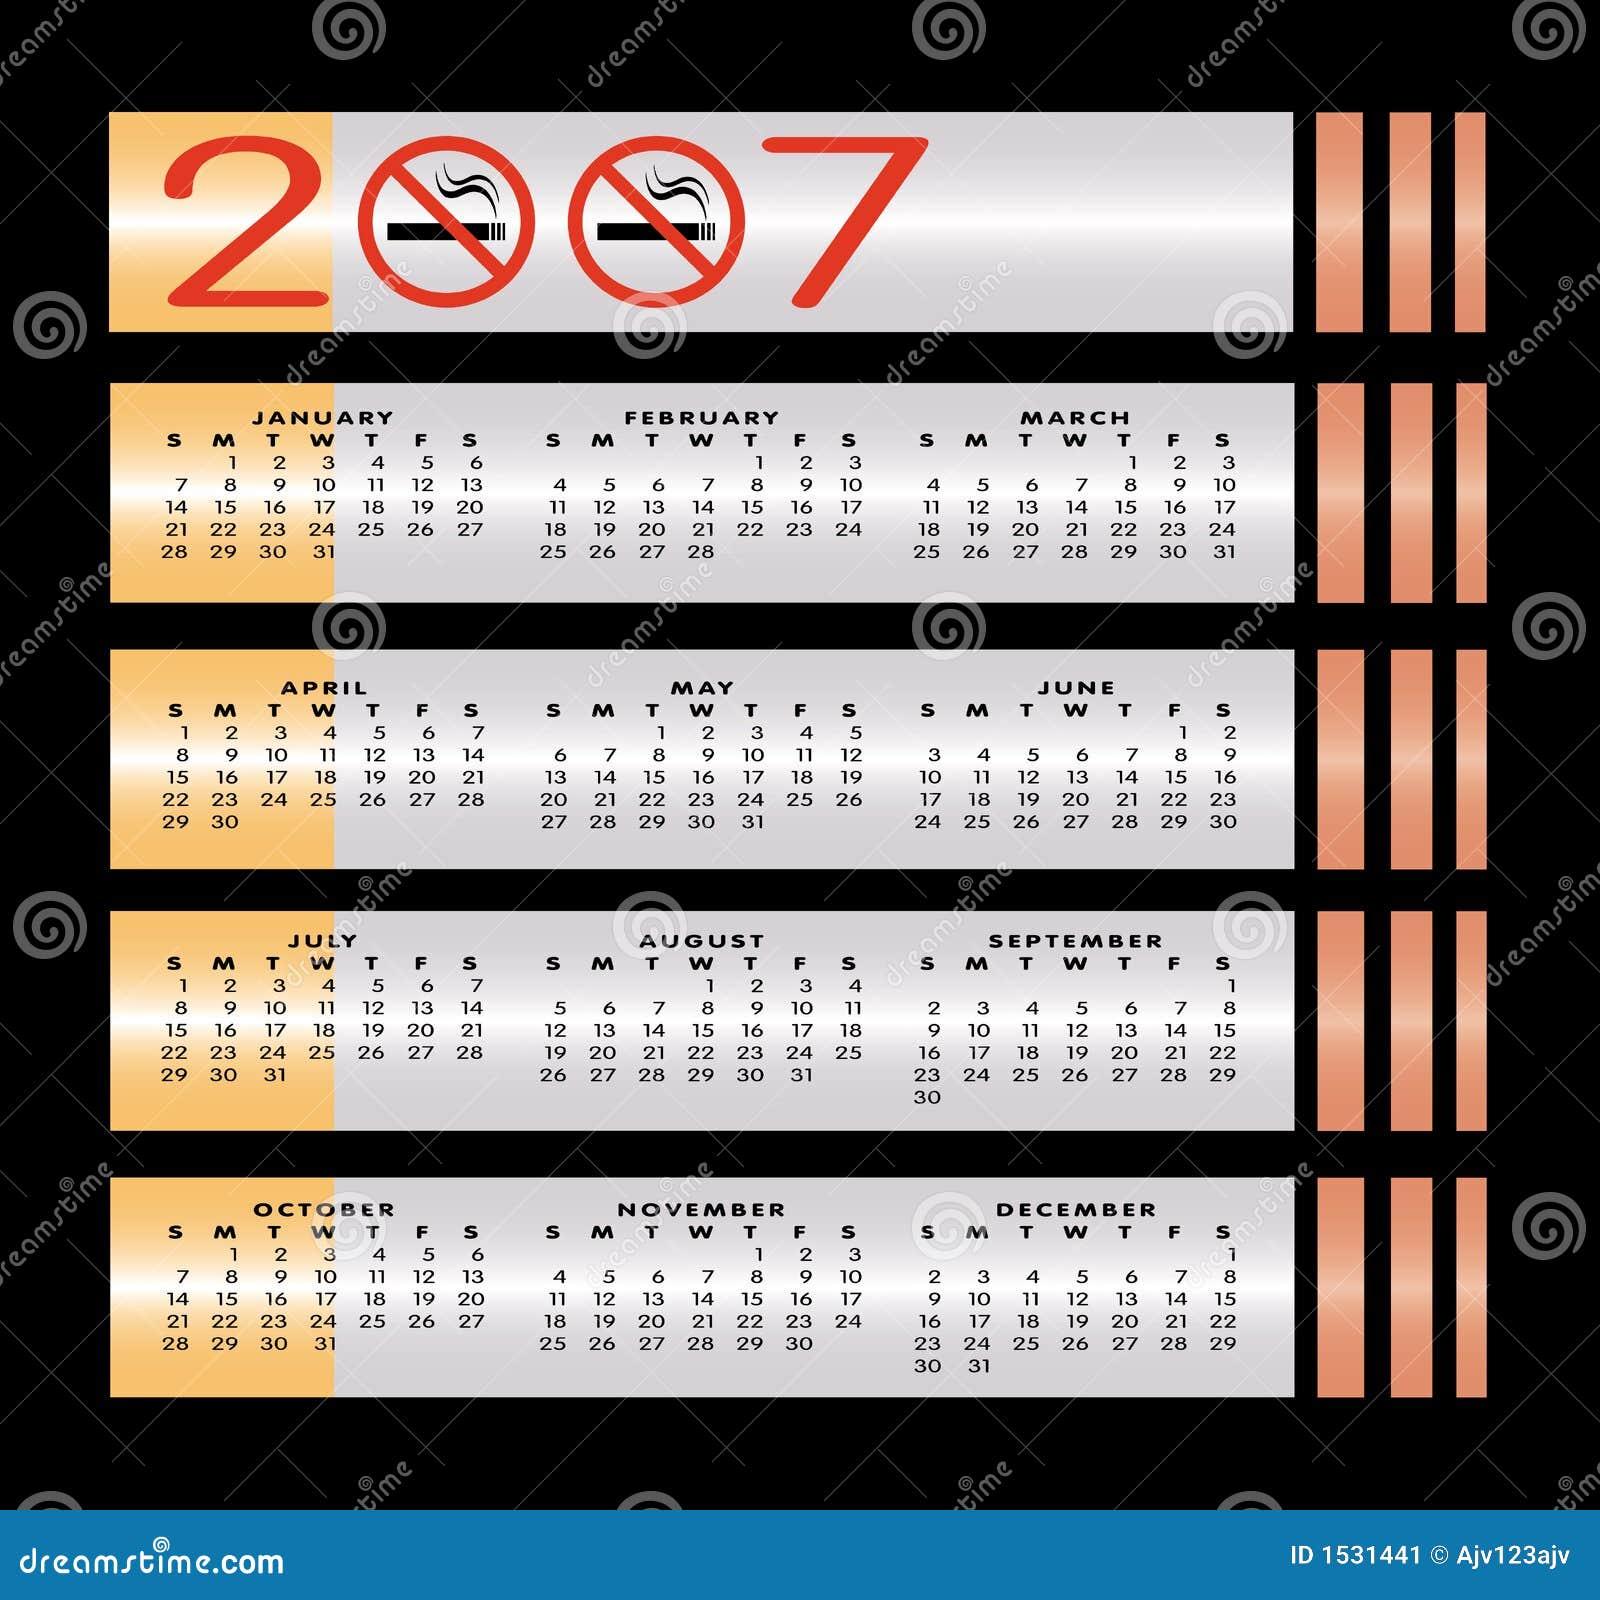 Calendario de no fumadores de la muestra 2007